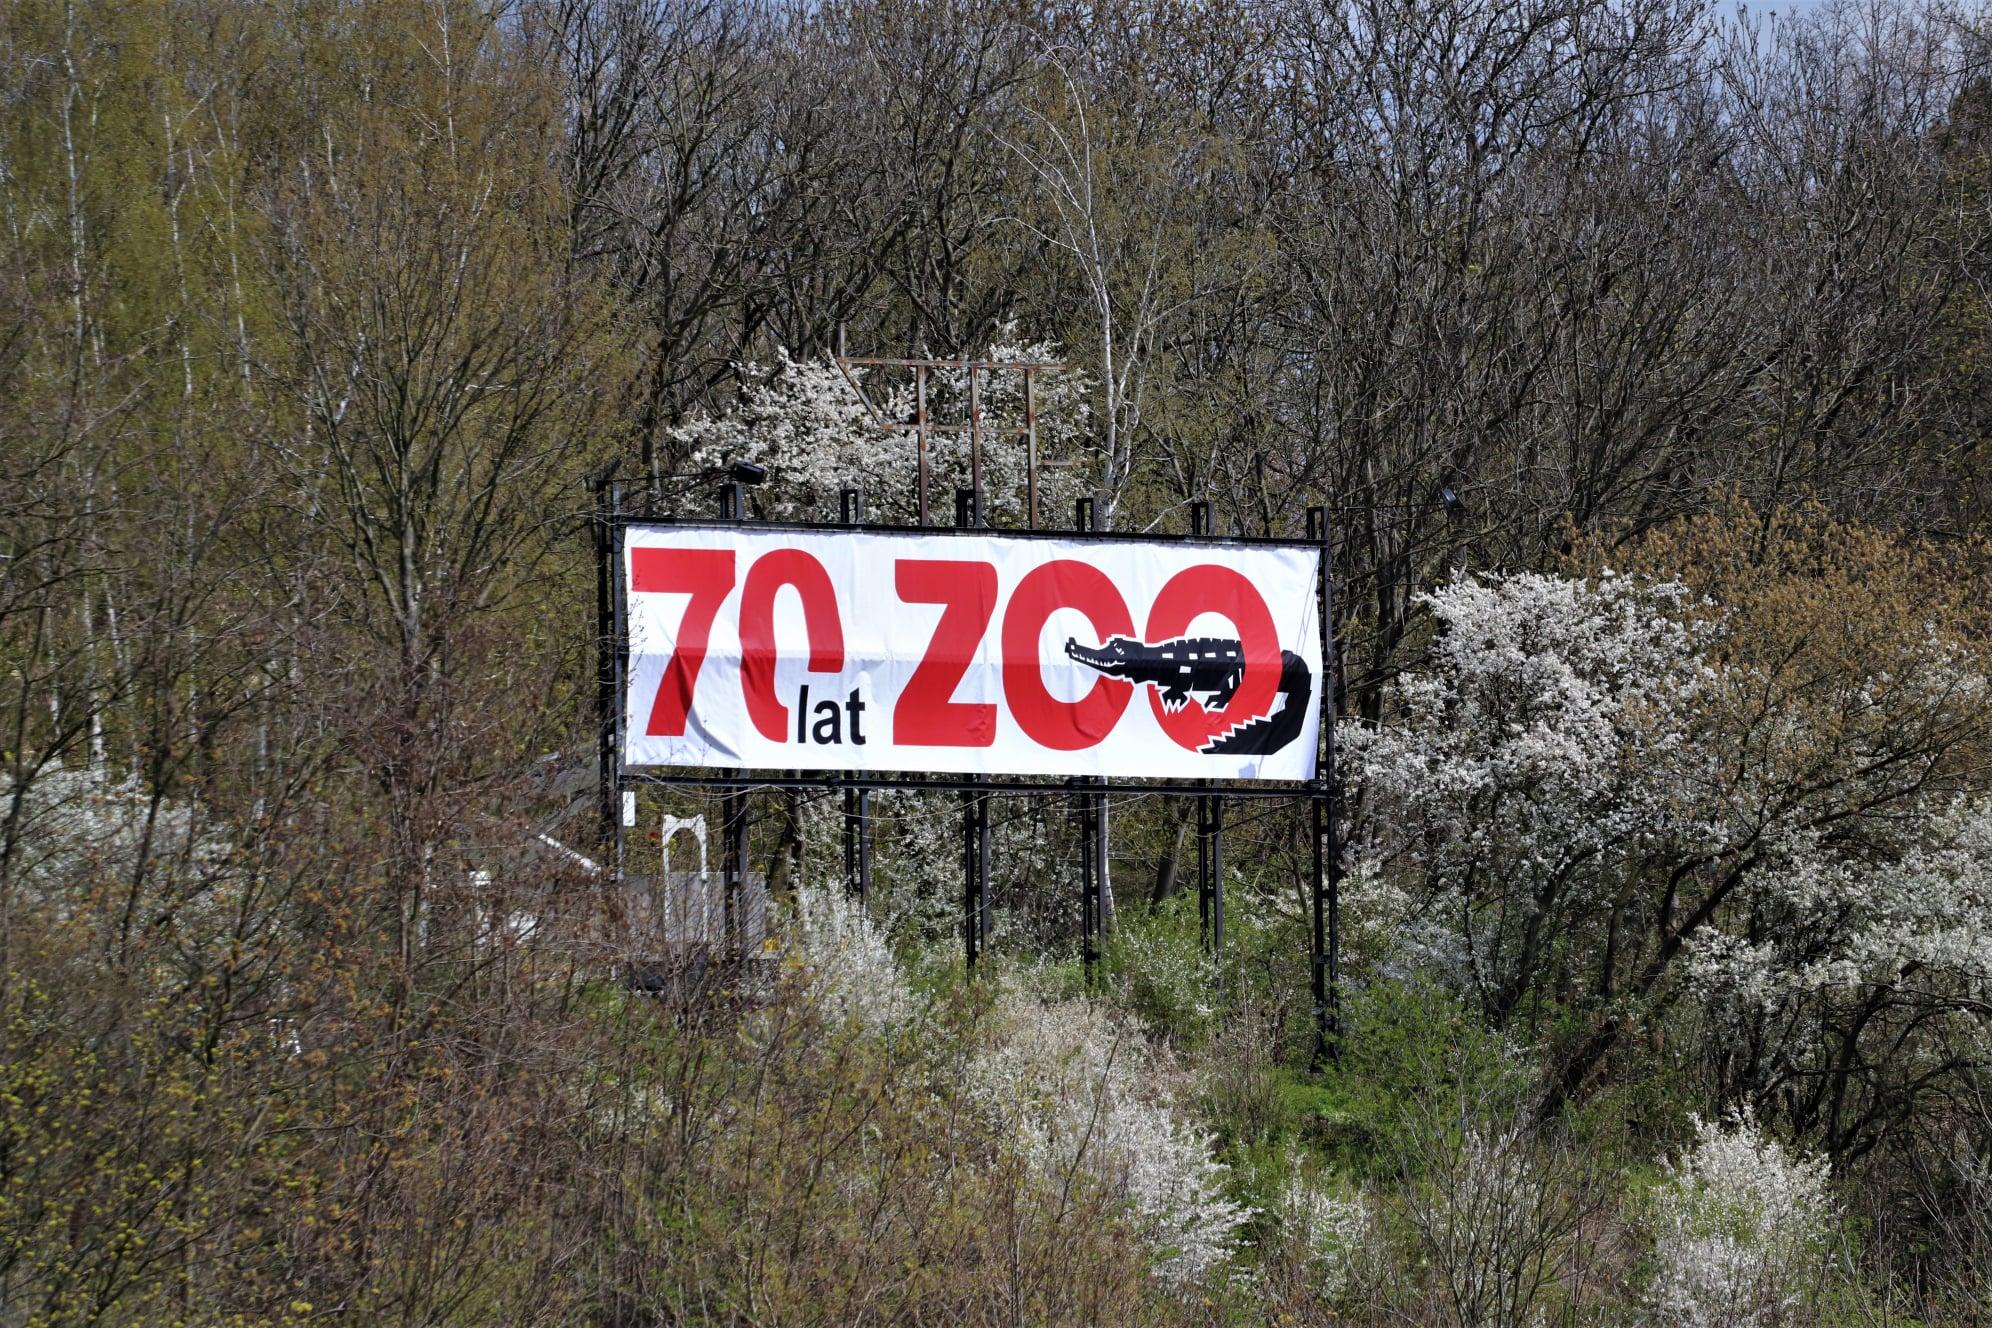 """Zmiany w panoramie Płocka. Gdzie zniknął napis """"ZOO"""" z Wzgórza Tumskiego? [ZDJĘCIA] - Zdjęcie główne"""